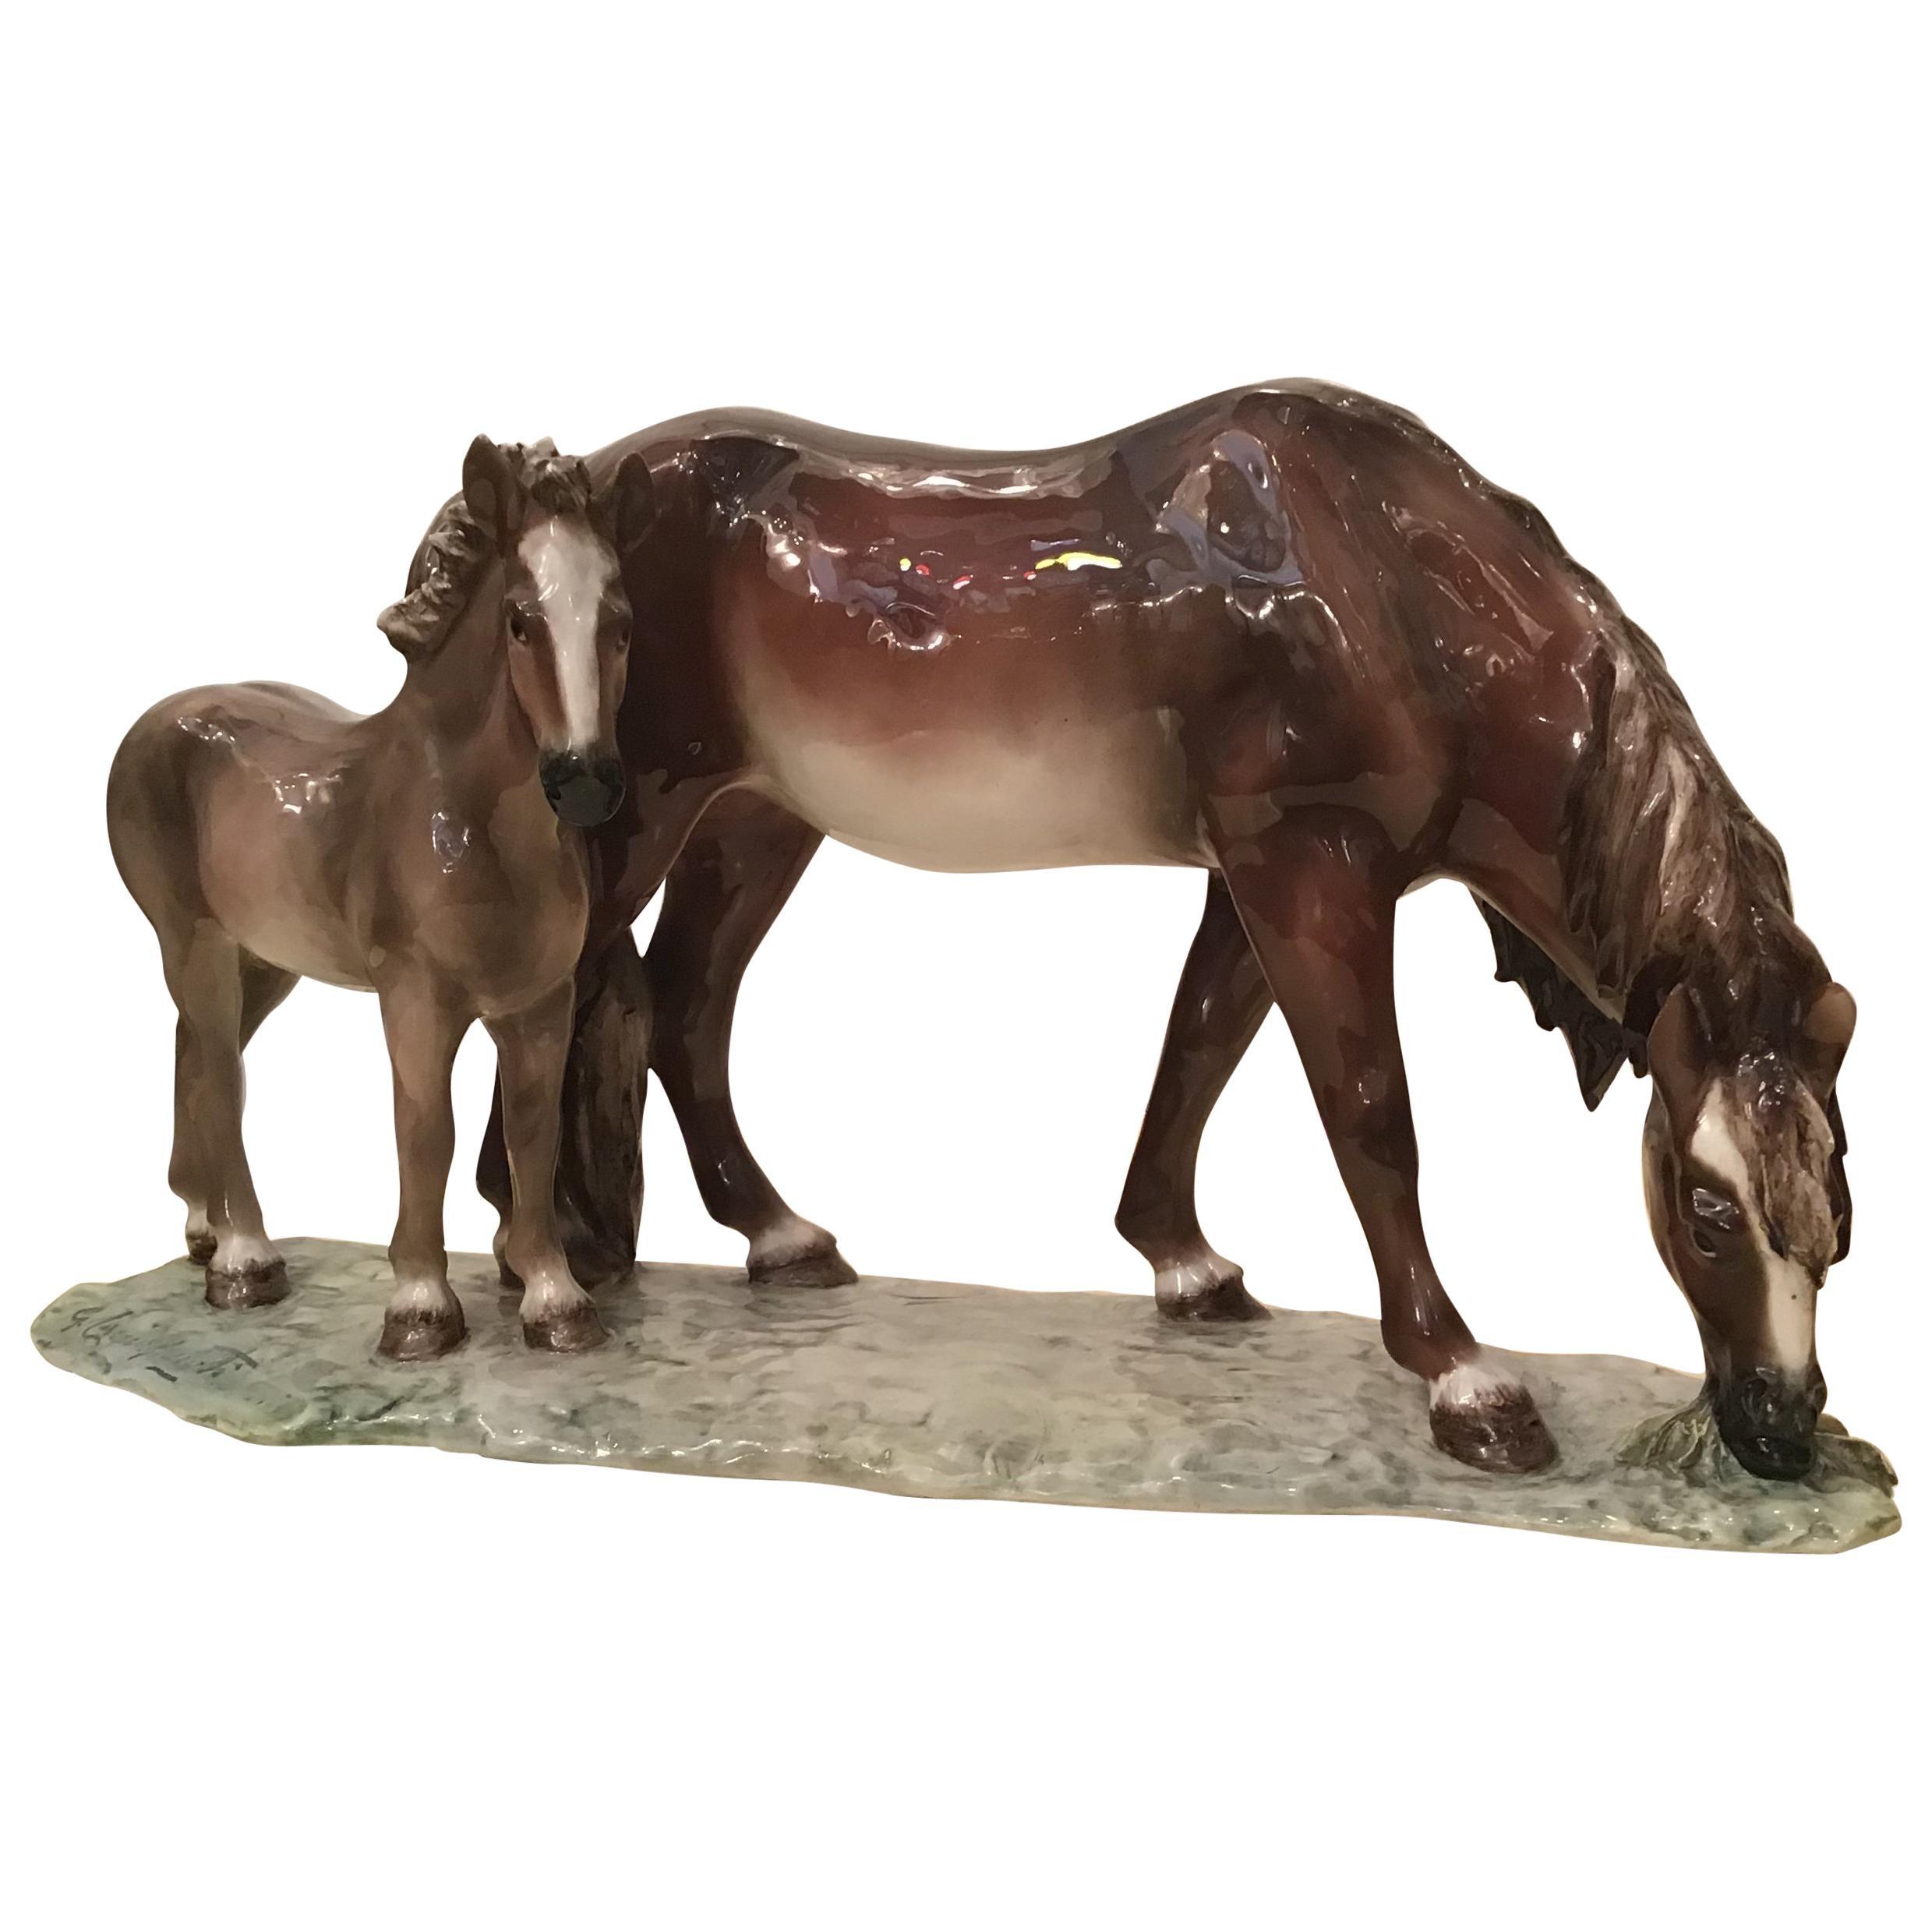 Guido Cacciapuoti Ceramic Horses, 1940